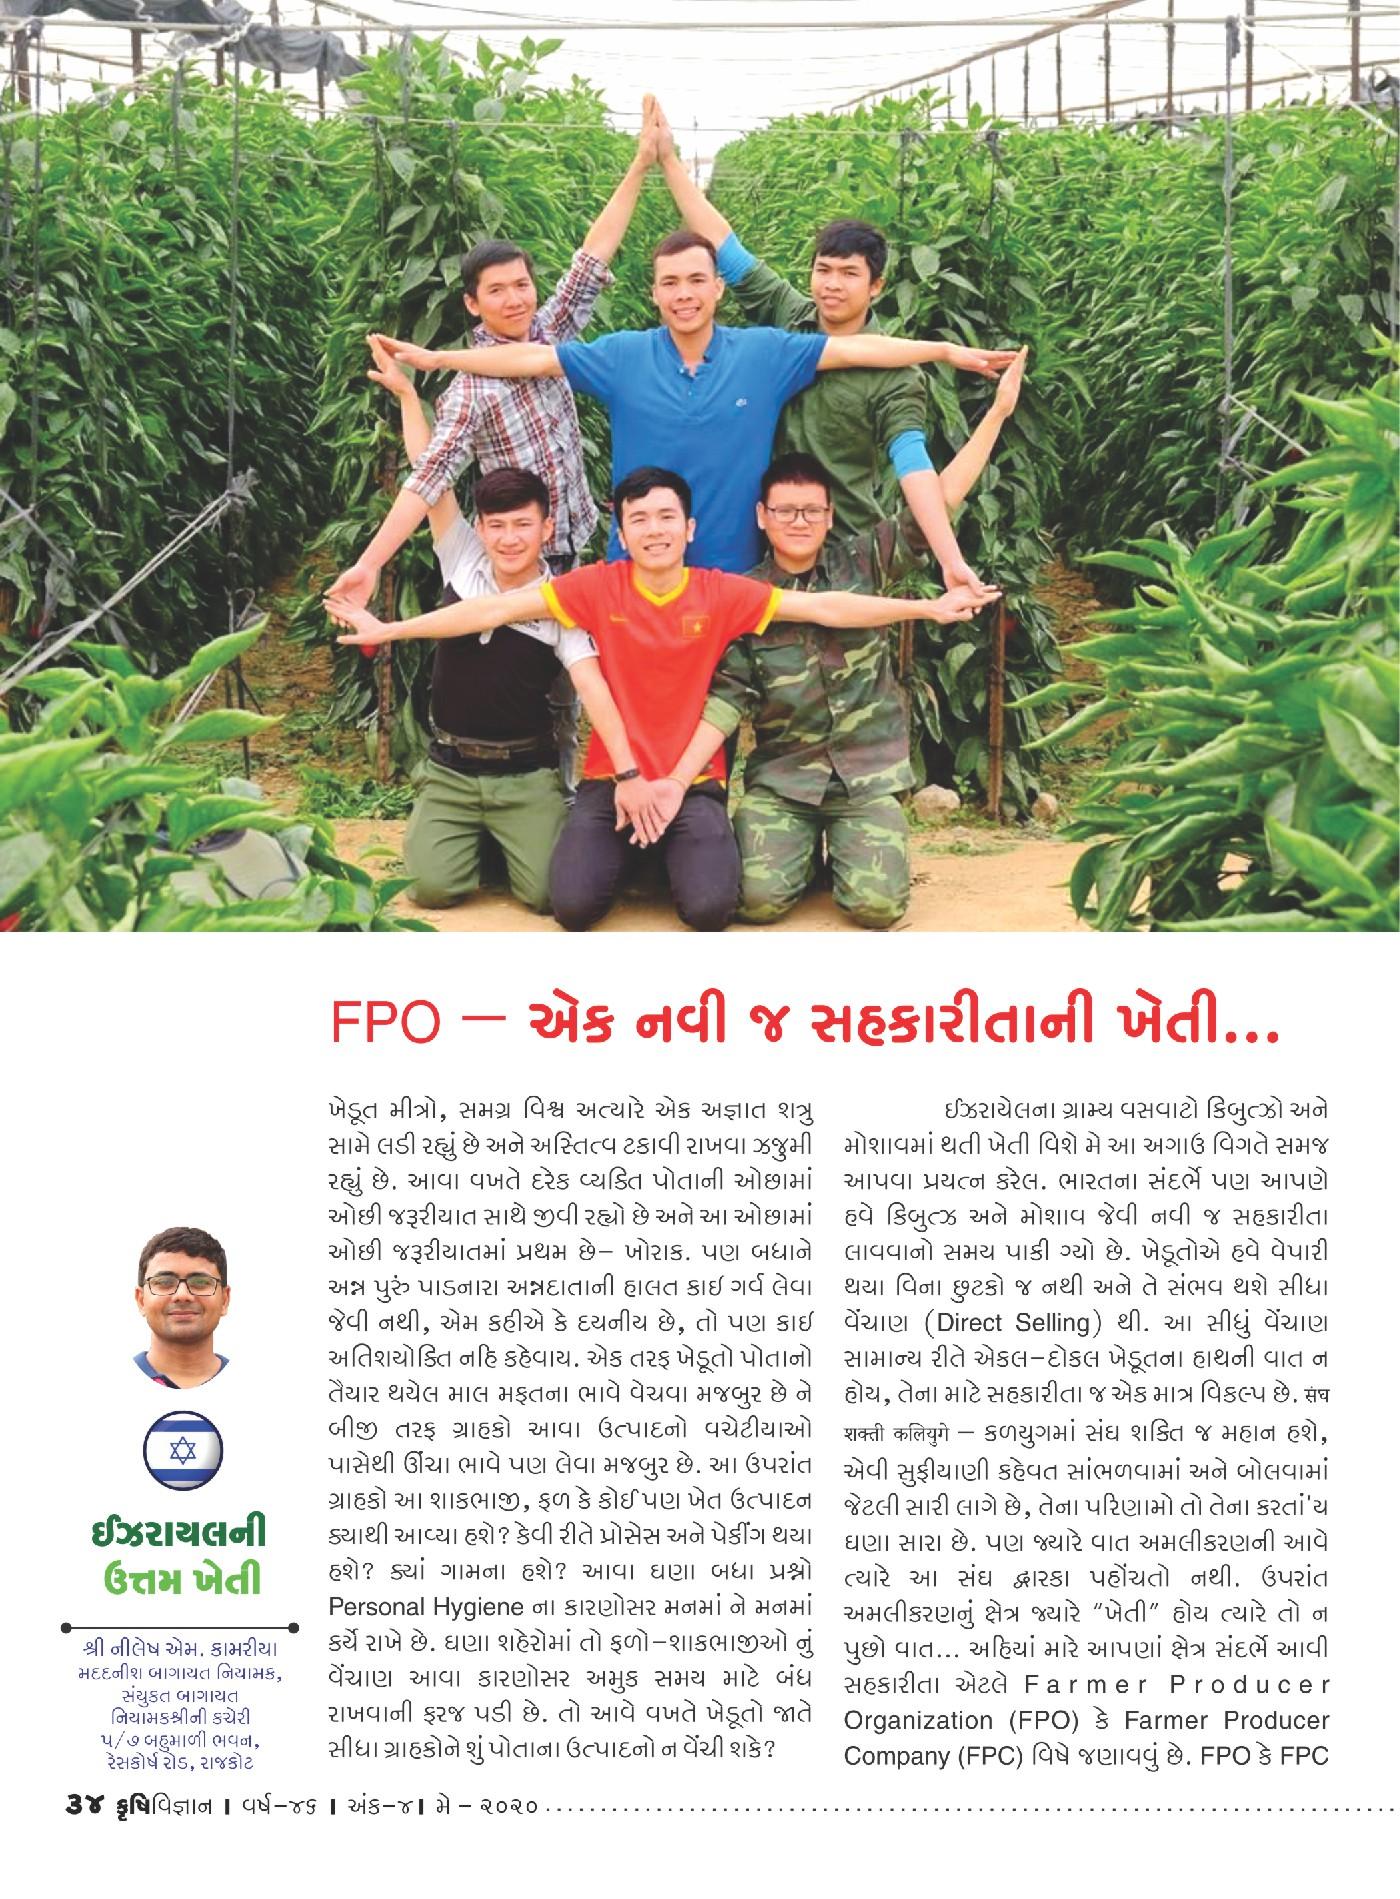 ફાર્મર પ્રોડ્યૂસર કંપની FPC – ઇઝરાયલ ની ખેતી